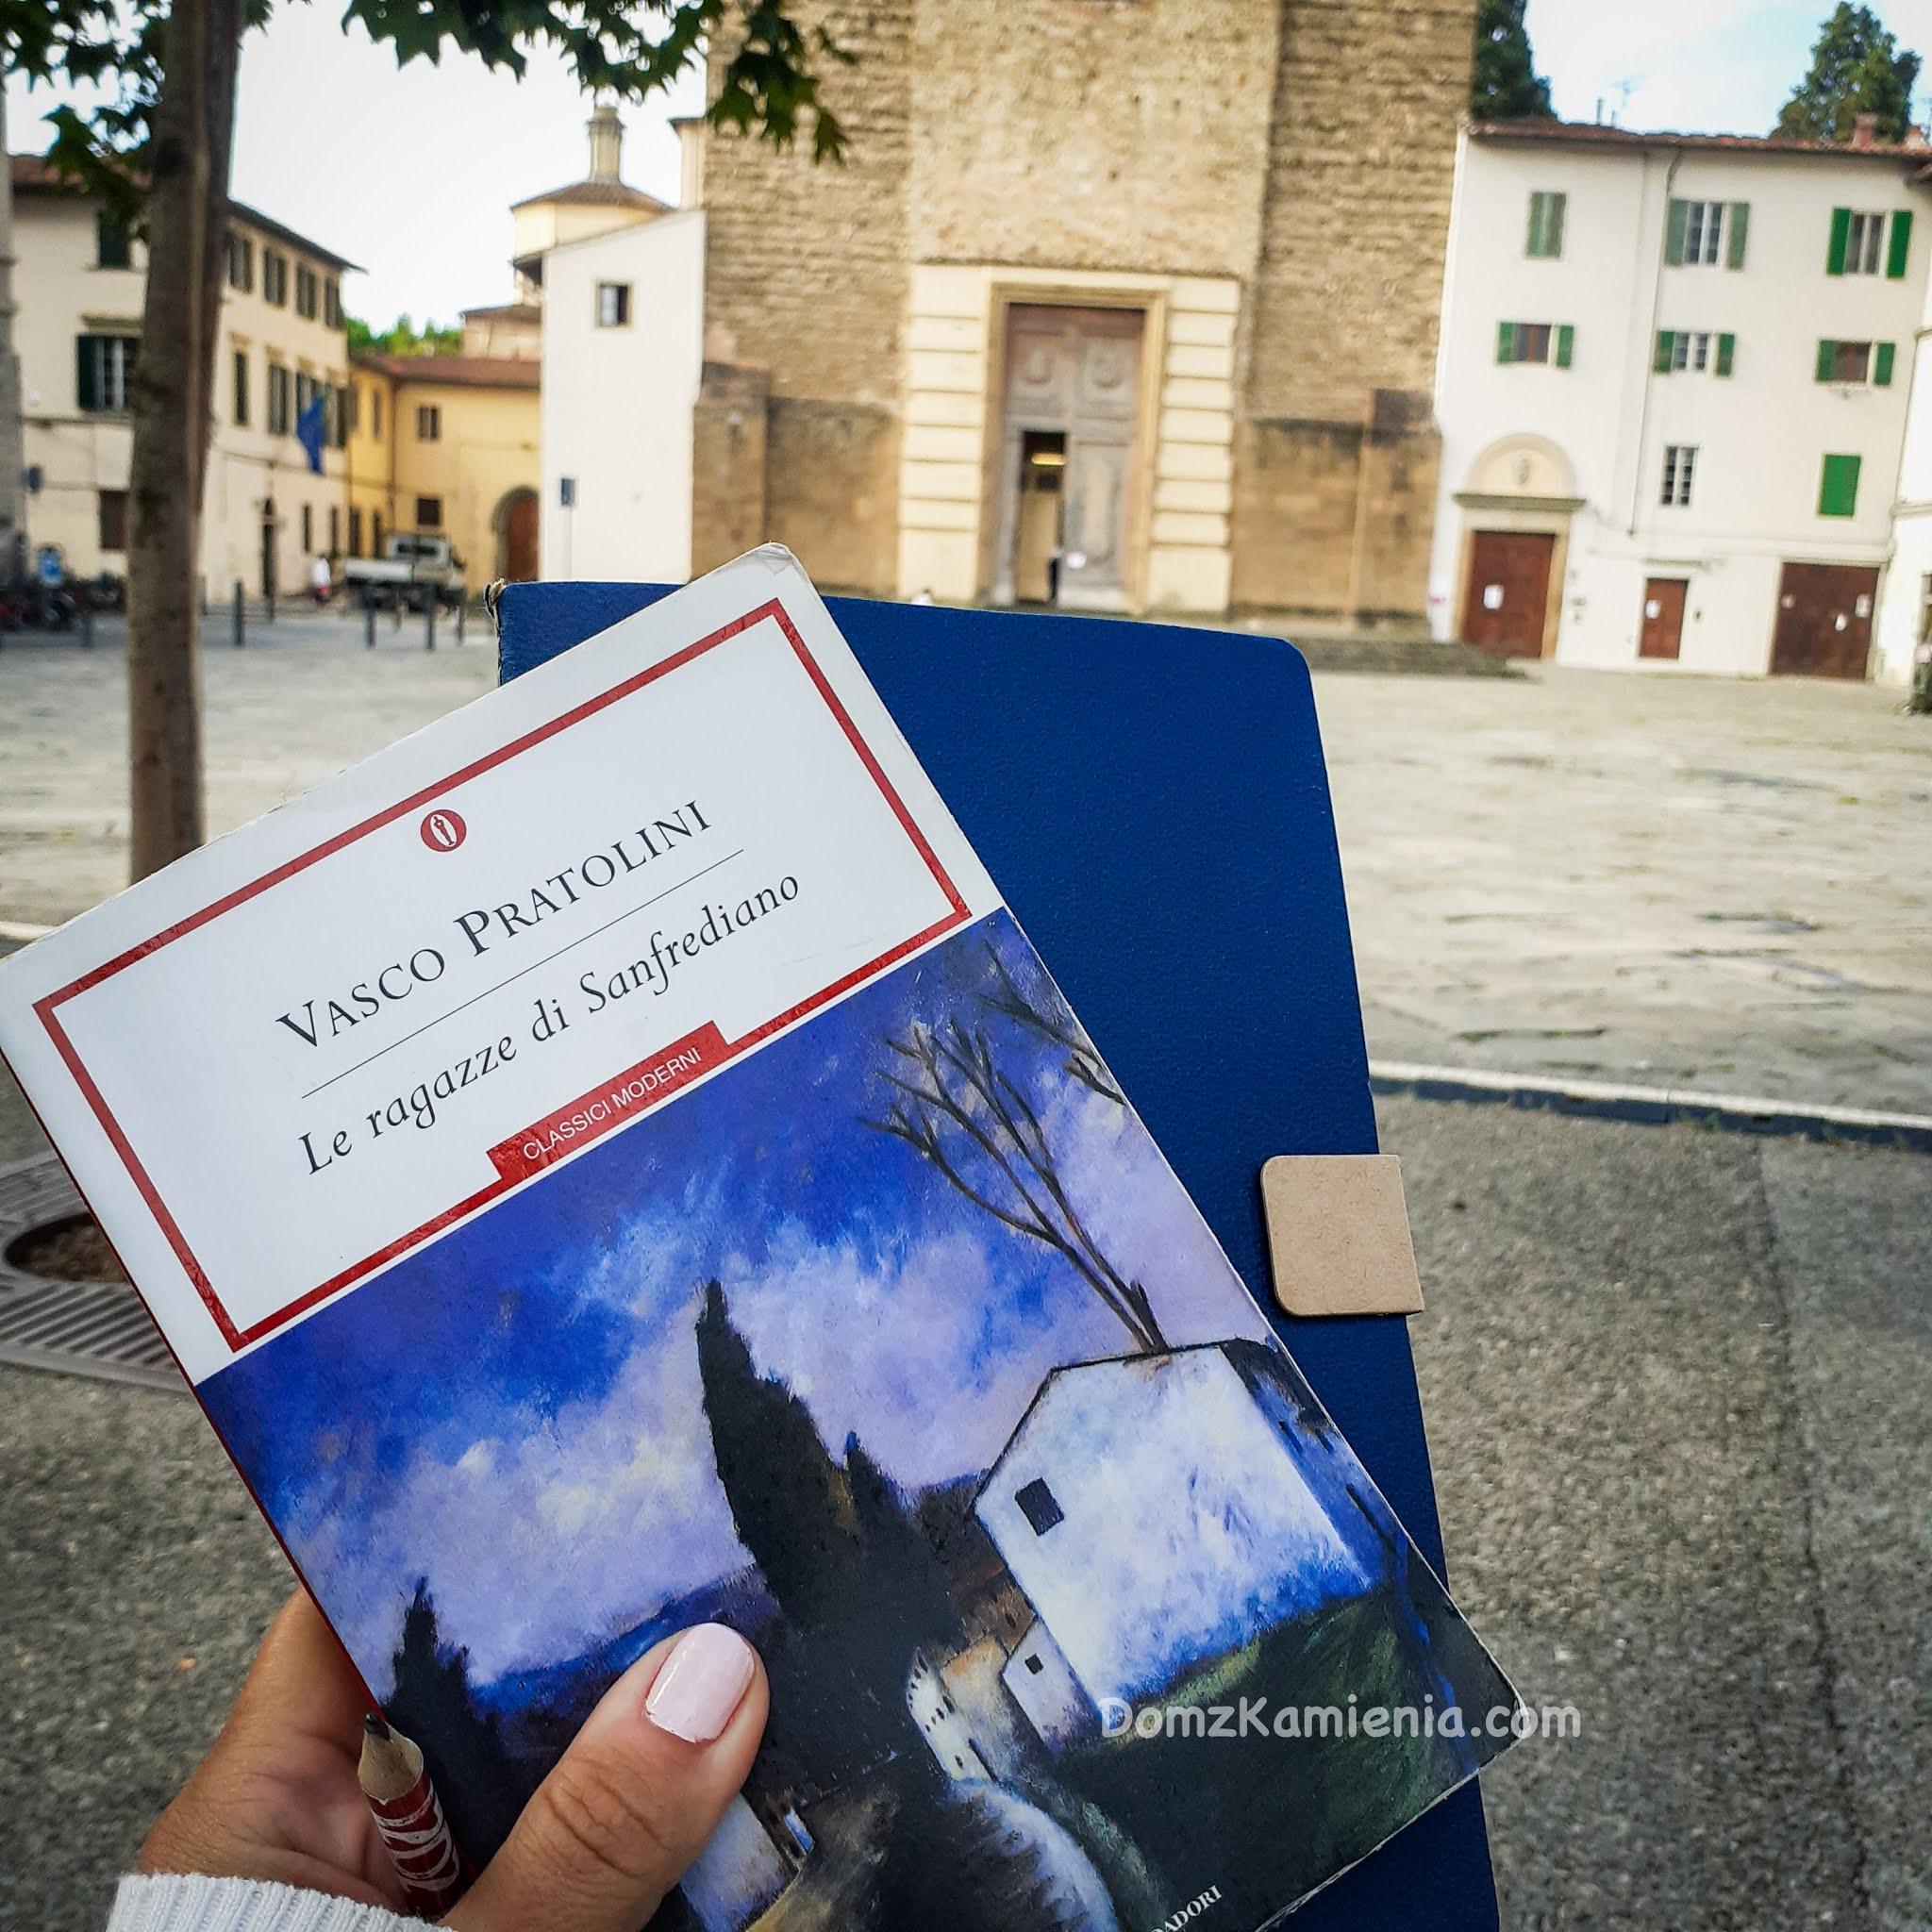 Sekrety Florencji Katarzyna Nowacka, blog Dom z Kamienia